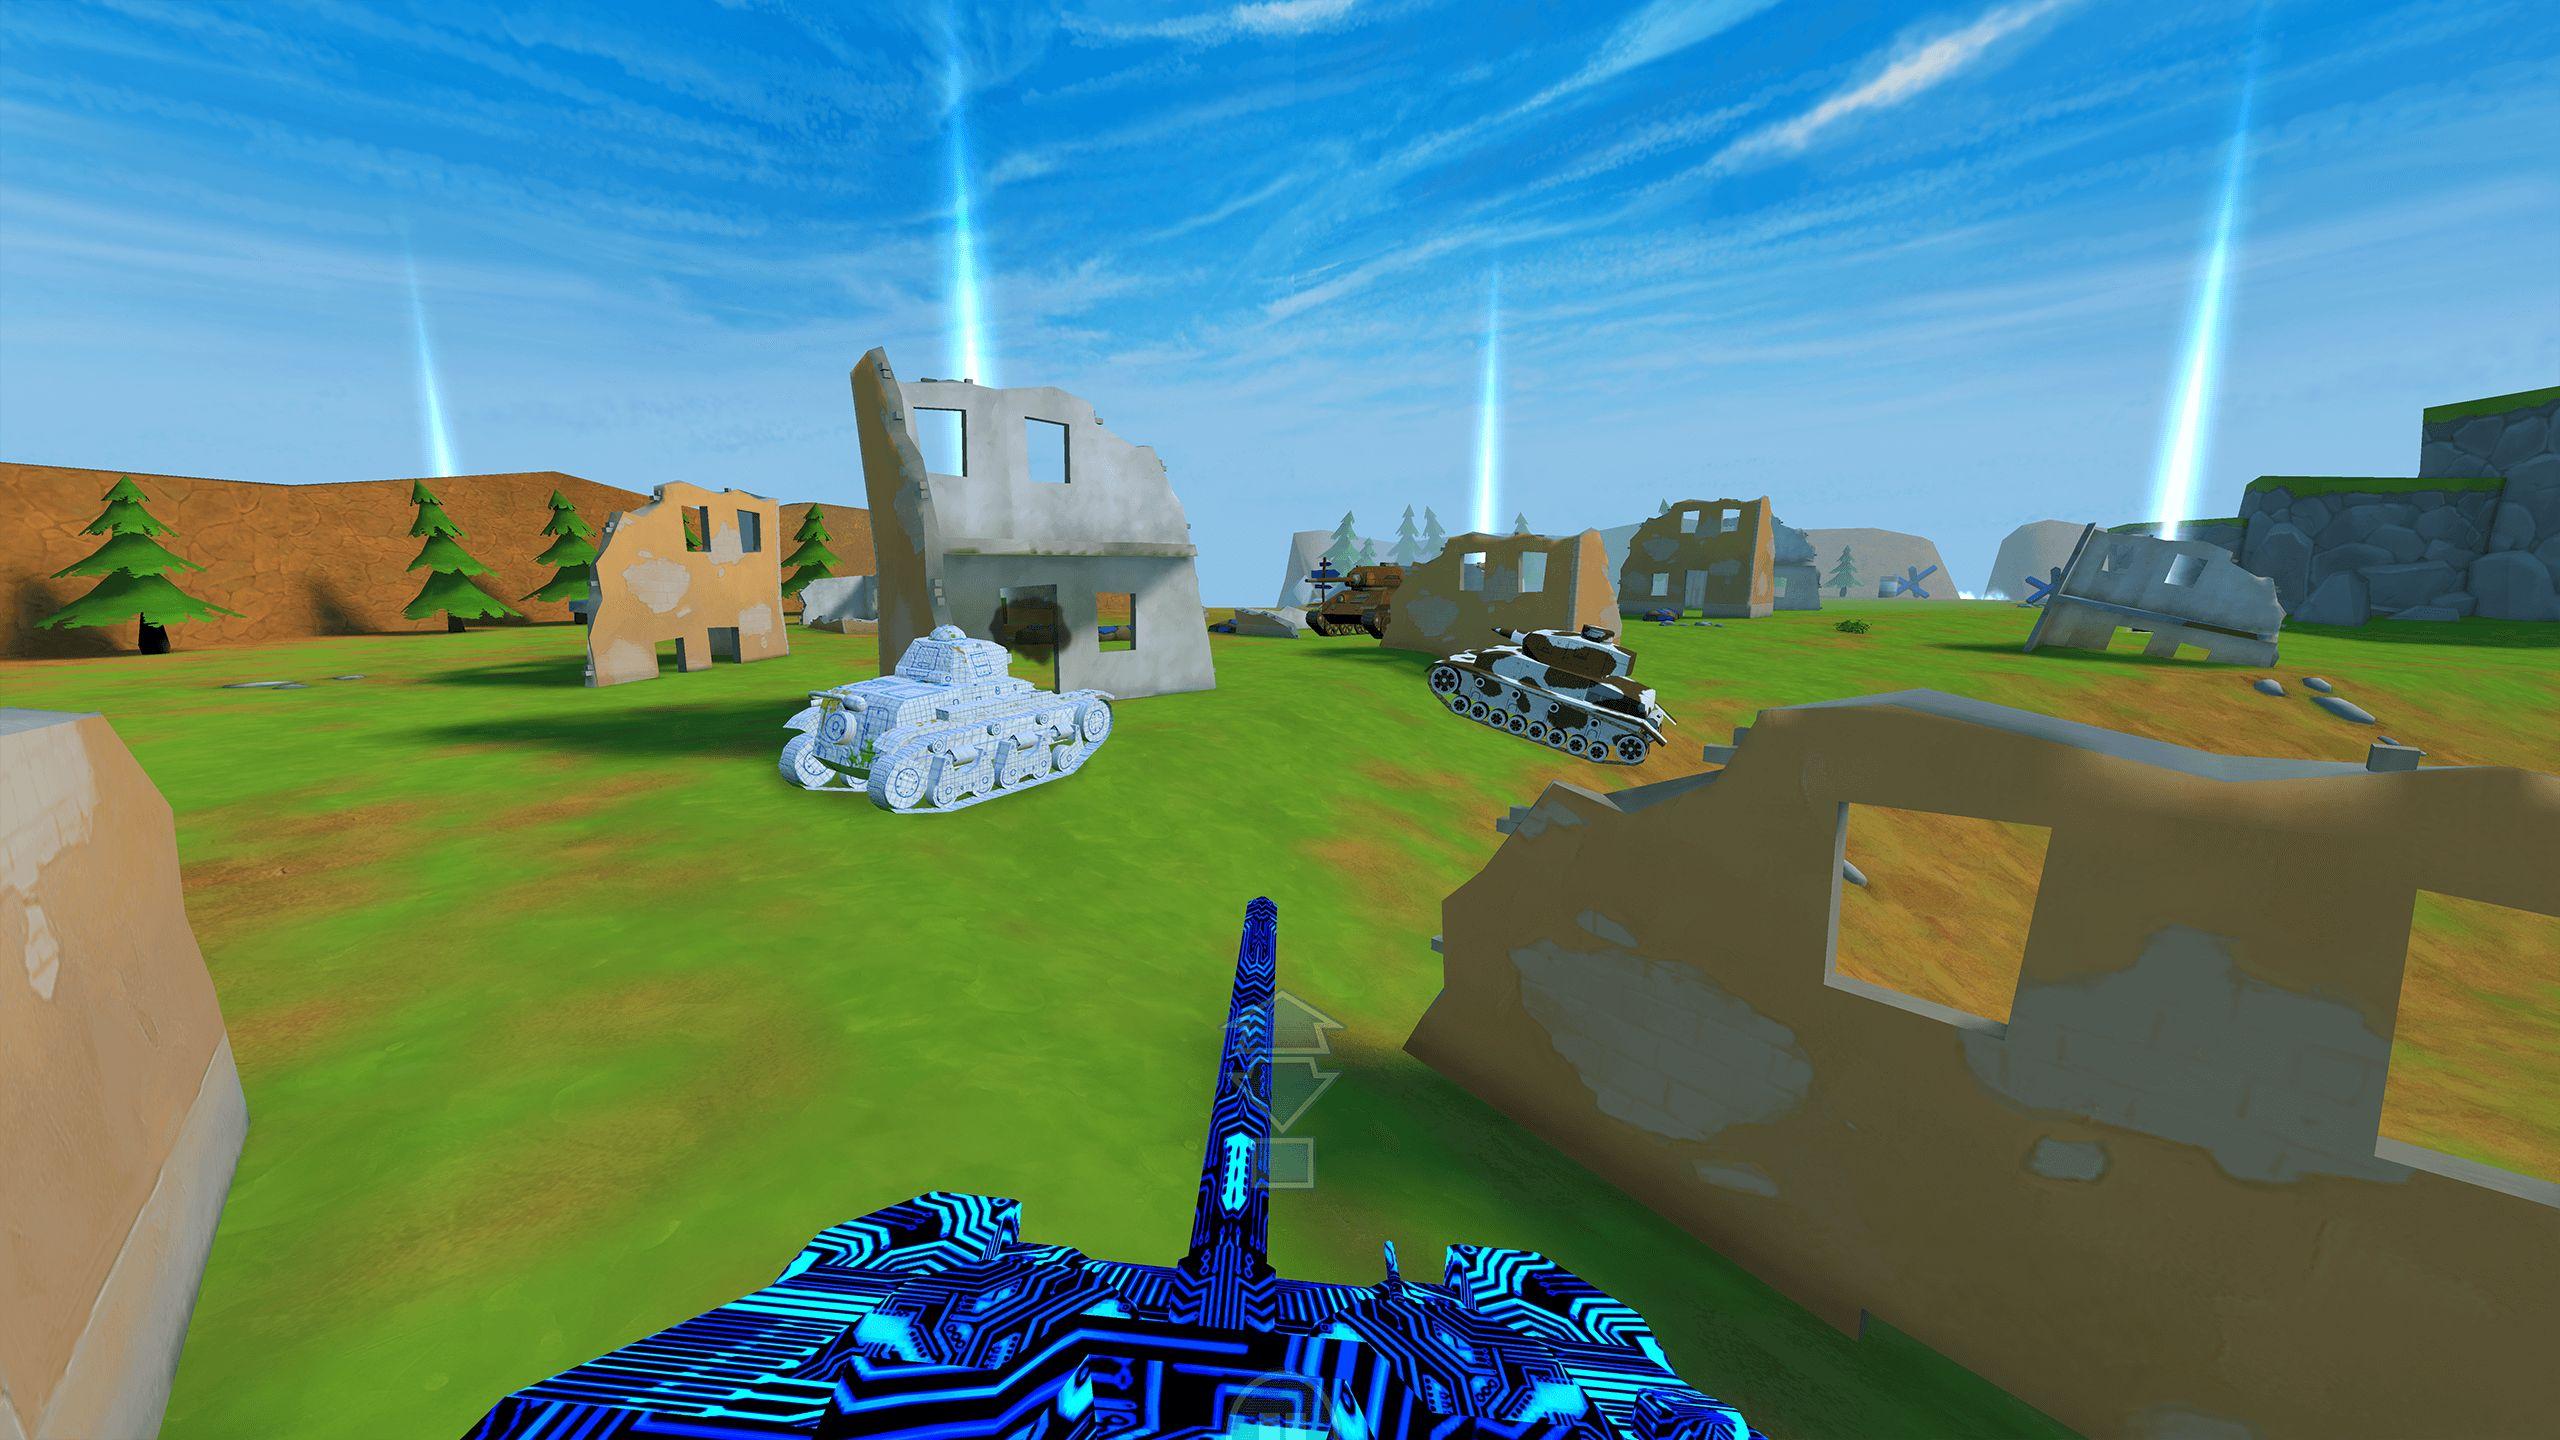 §D VR Panzer Tank blue war